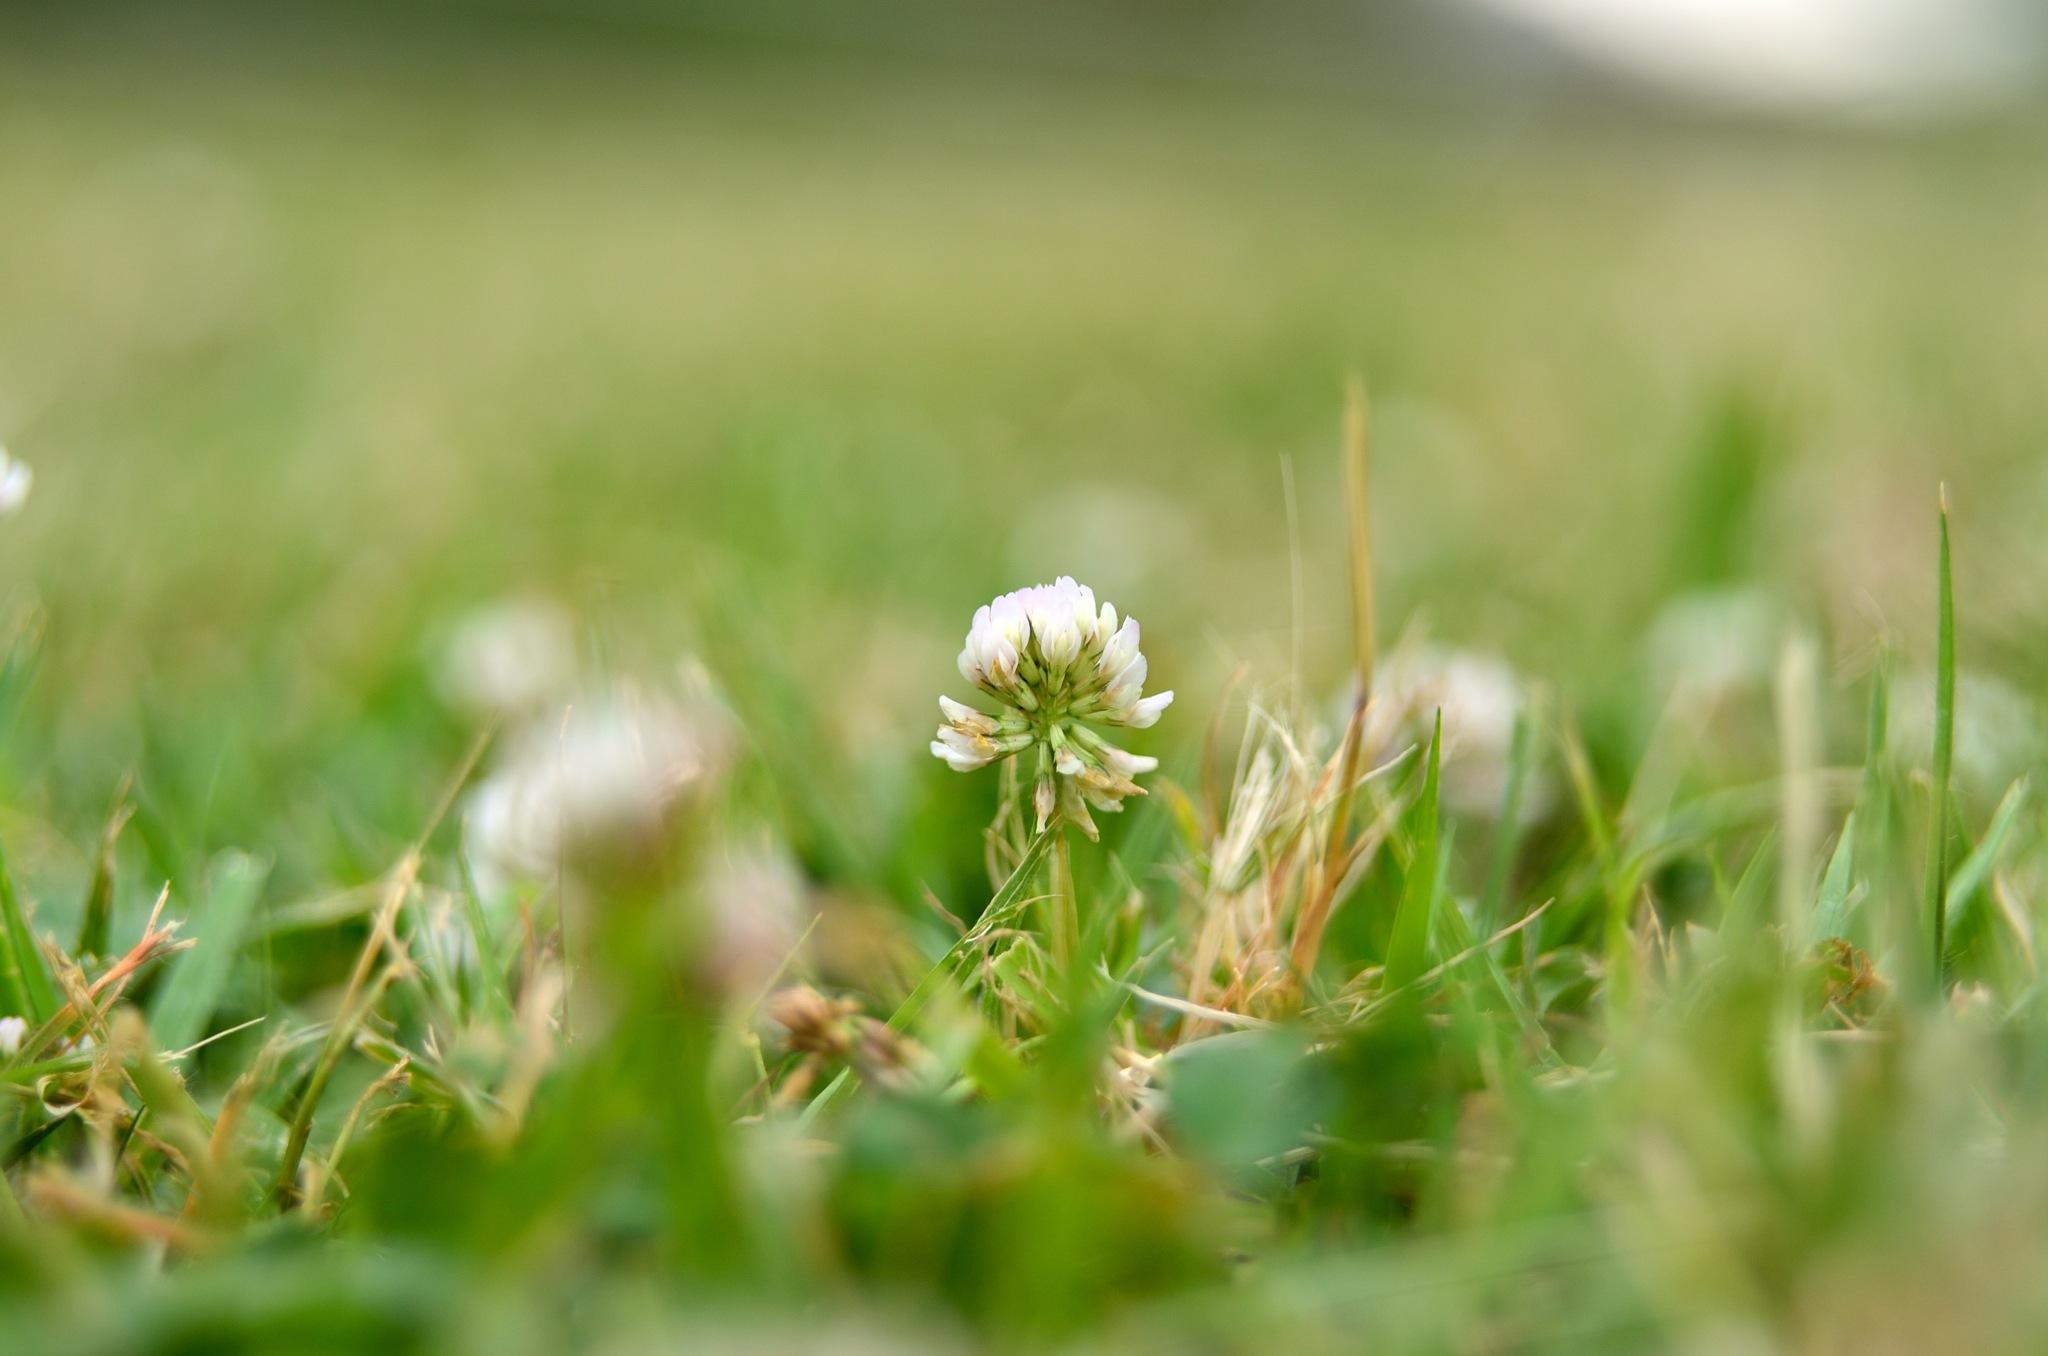 clover by Masahiro  Asano